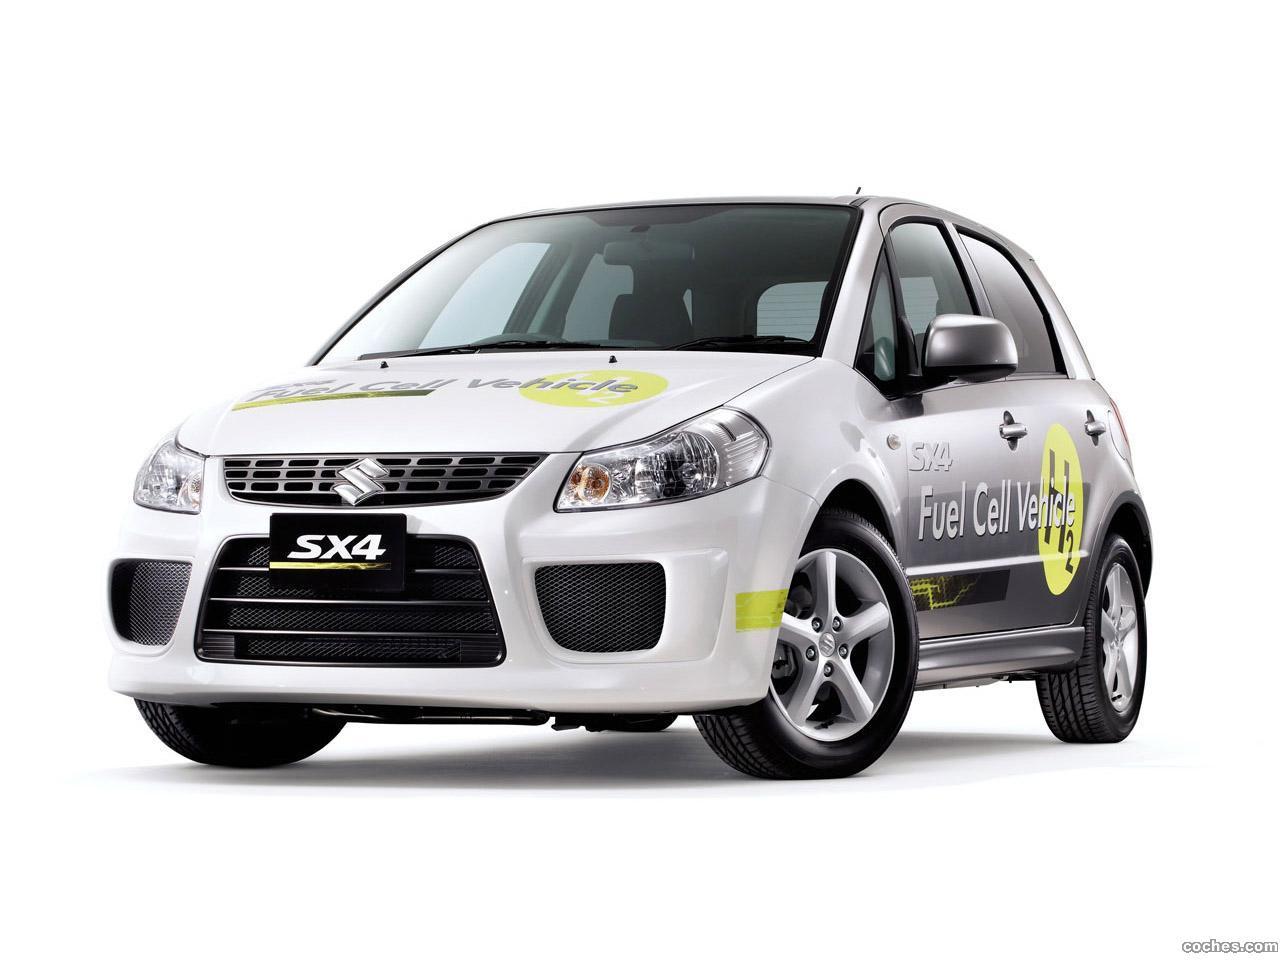 Foto 0 de Suzuki SX4 Fuel Cell Concept 2009